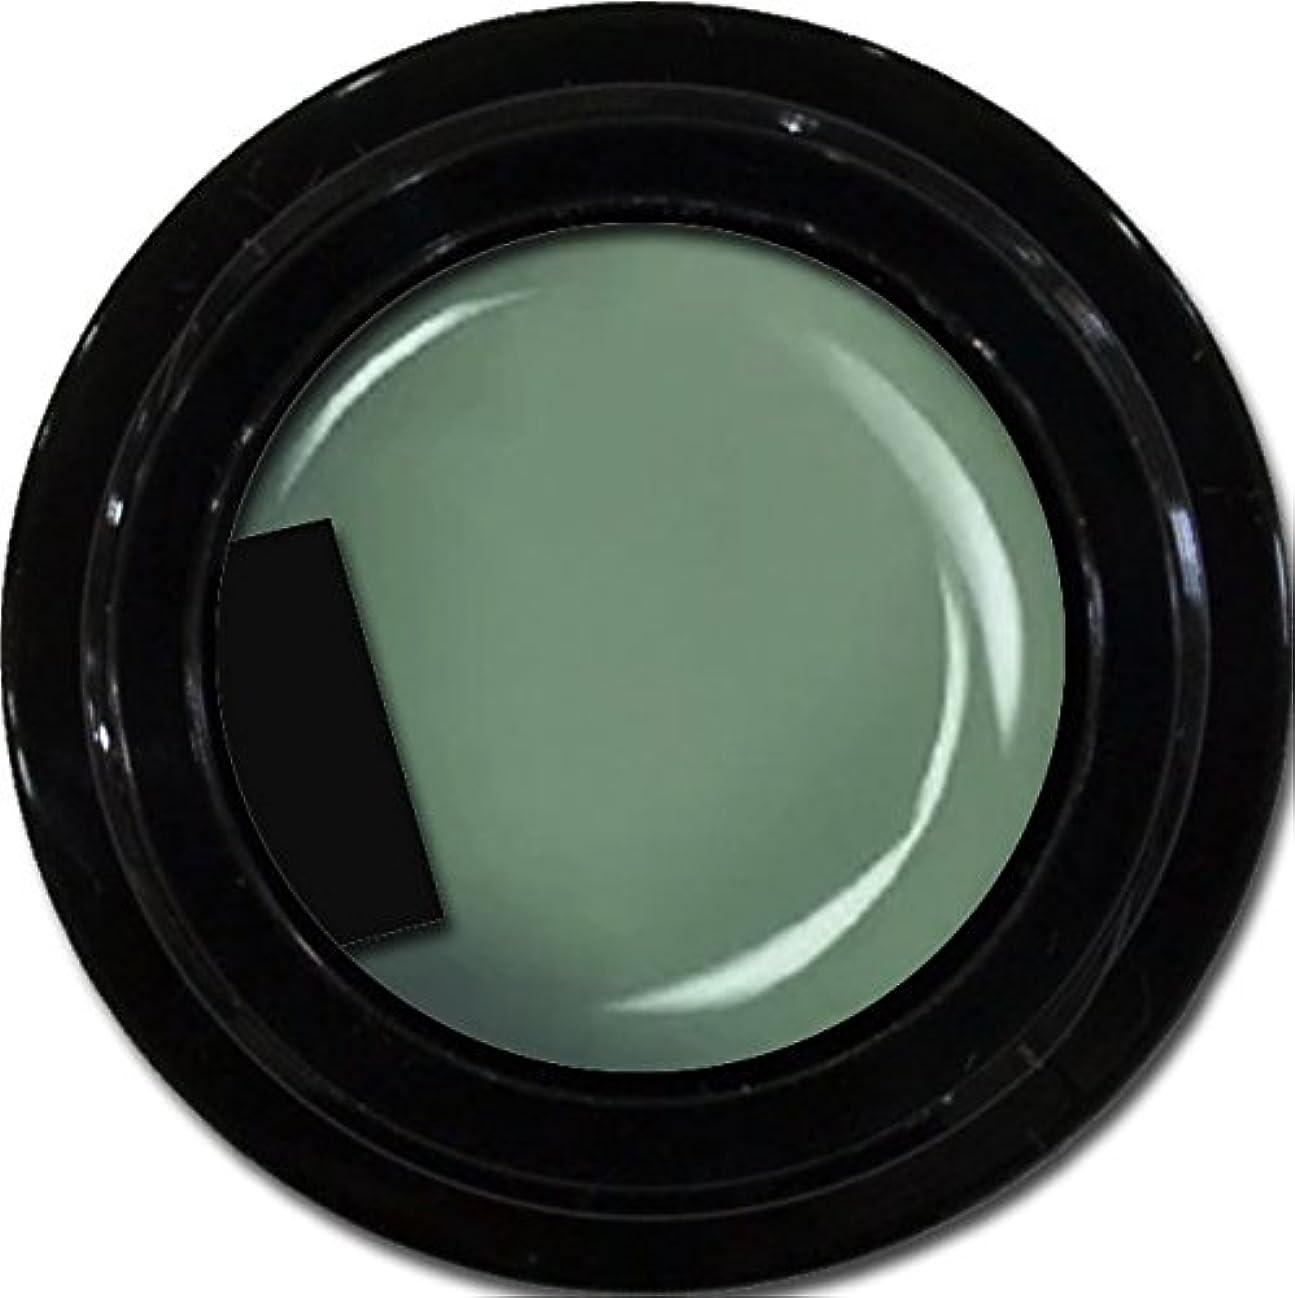 喜劇回答ハドルカラージェル enchant color gel M714 Army 3g/ マットカラージェル M714 アーミー 3グラム